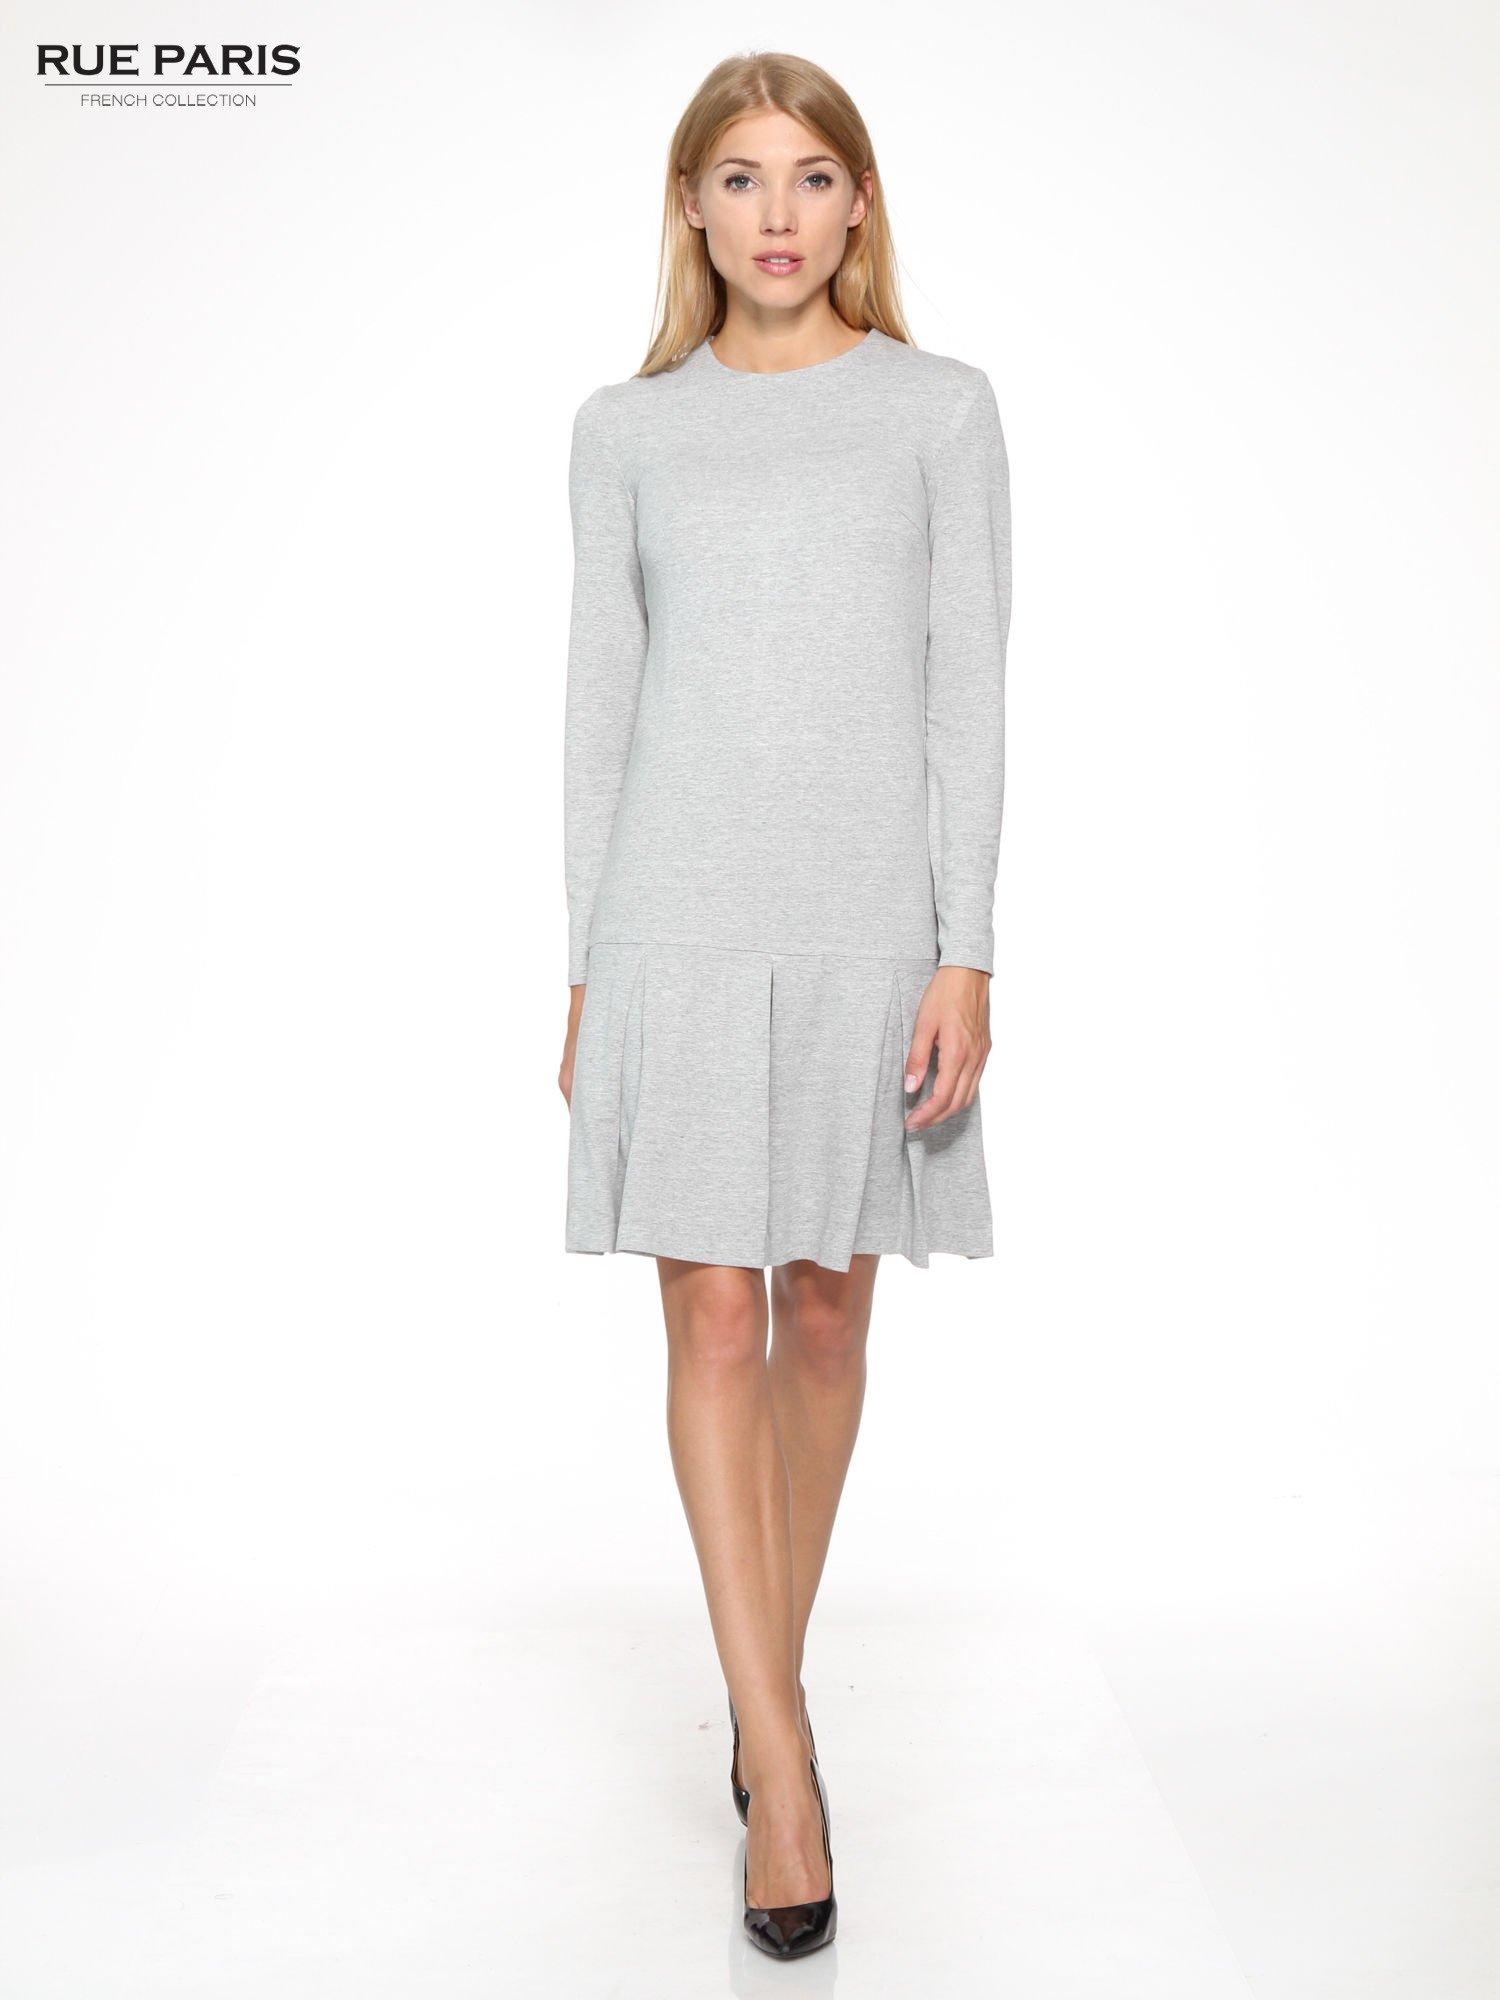 Szara dresowa sukienka z obniżoną talią i kontrafałdami                                  zdj.                                  2